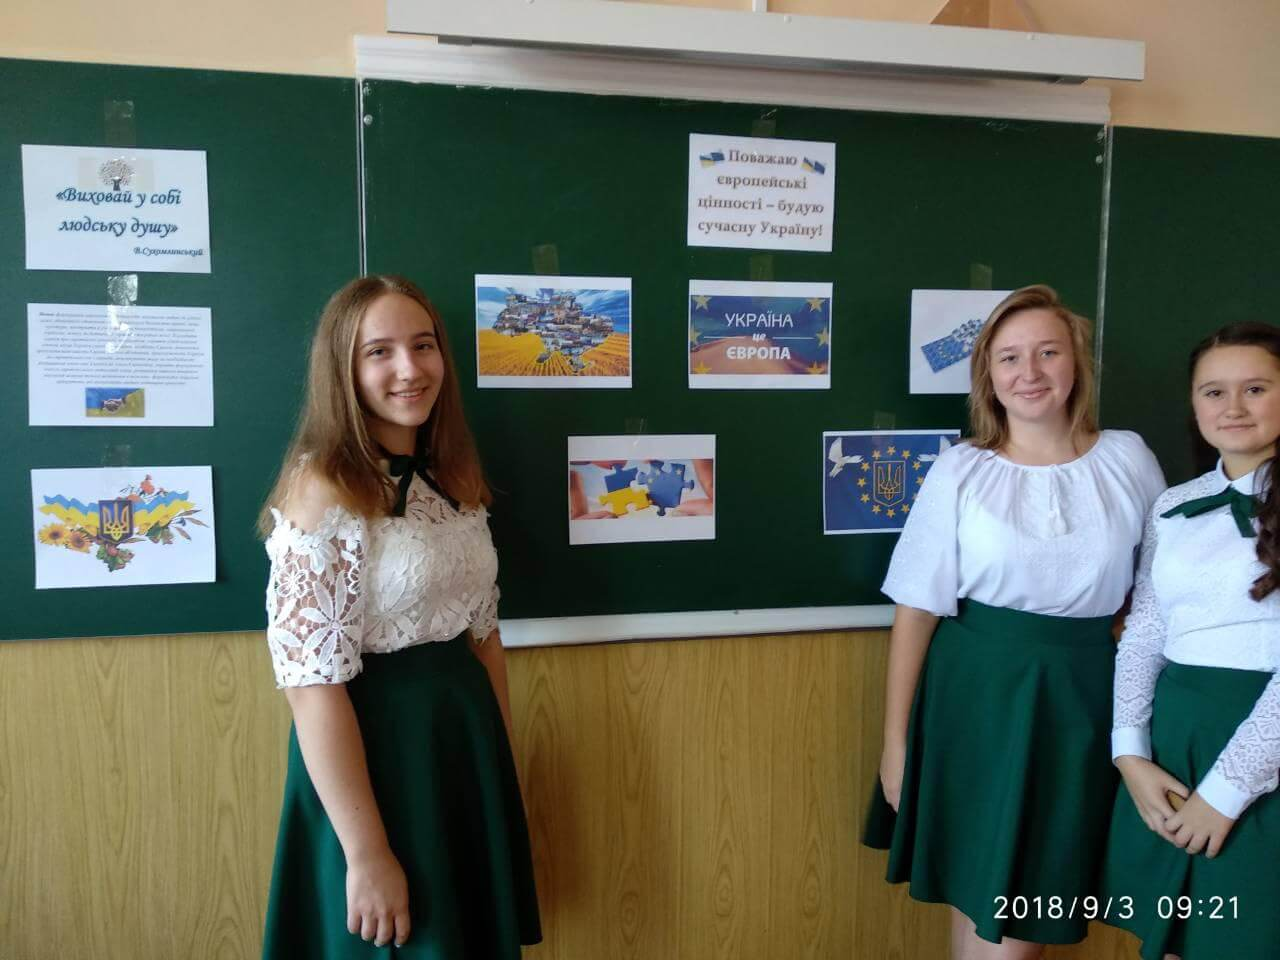 10a 2 - Поважаю європейські цінності – будую сучасну Україну!